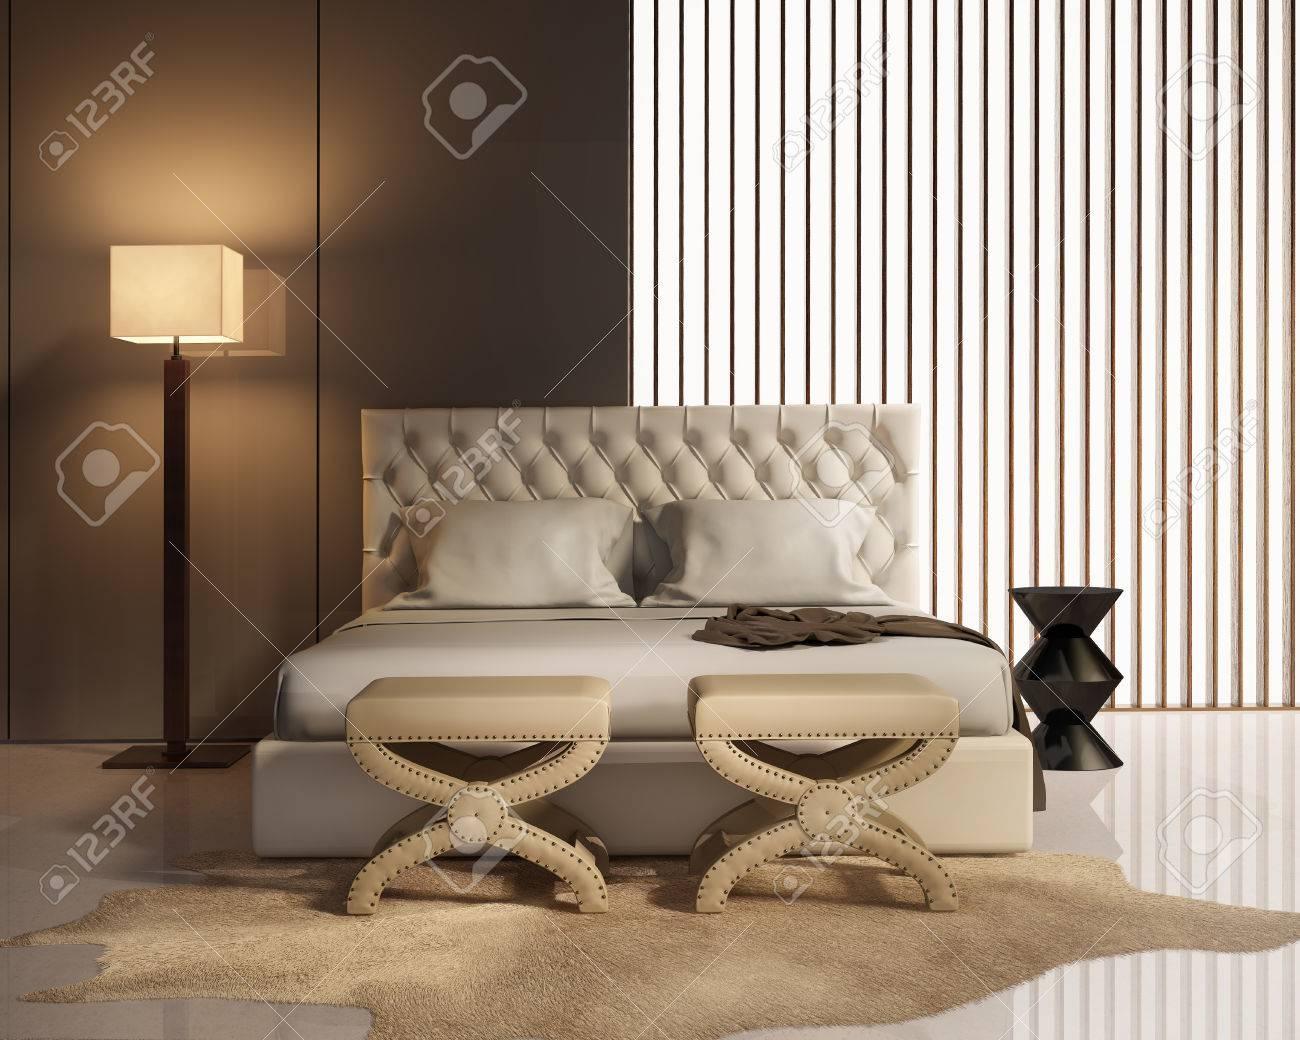 Samtida elegant lyx sovrum med avföring och läder säng royalty ...